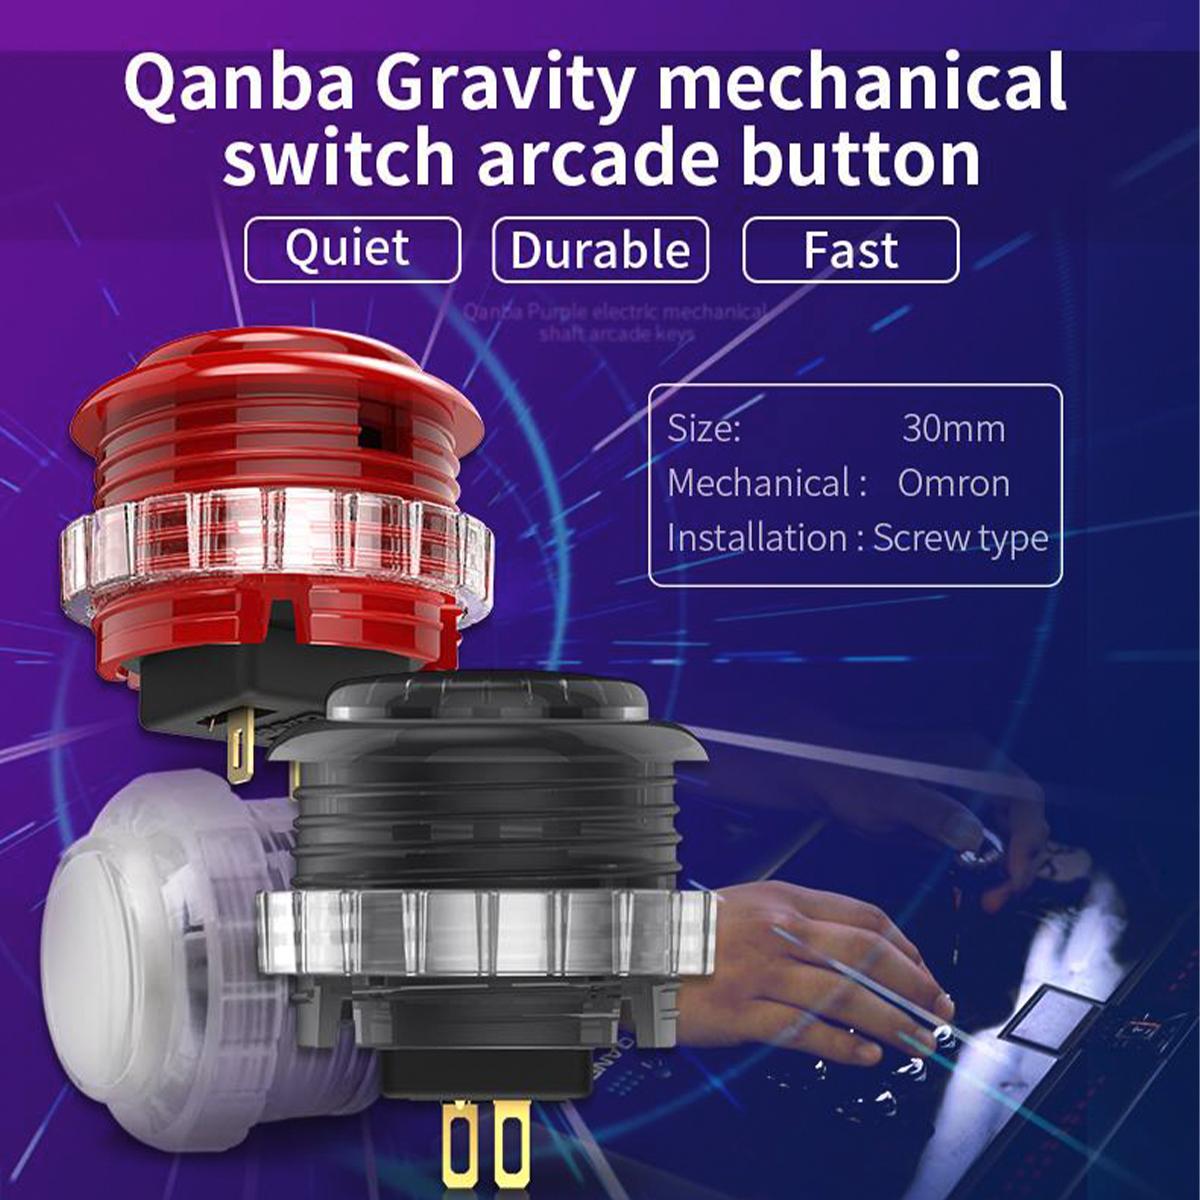 【クリア8個セット】 Qanba Gravity(グラビティ)メカニカルスイッチ アーケード ボタン メタルボックス入り 30mm(ネジ式)